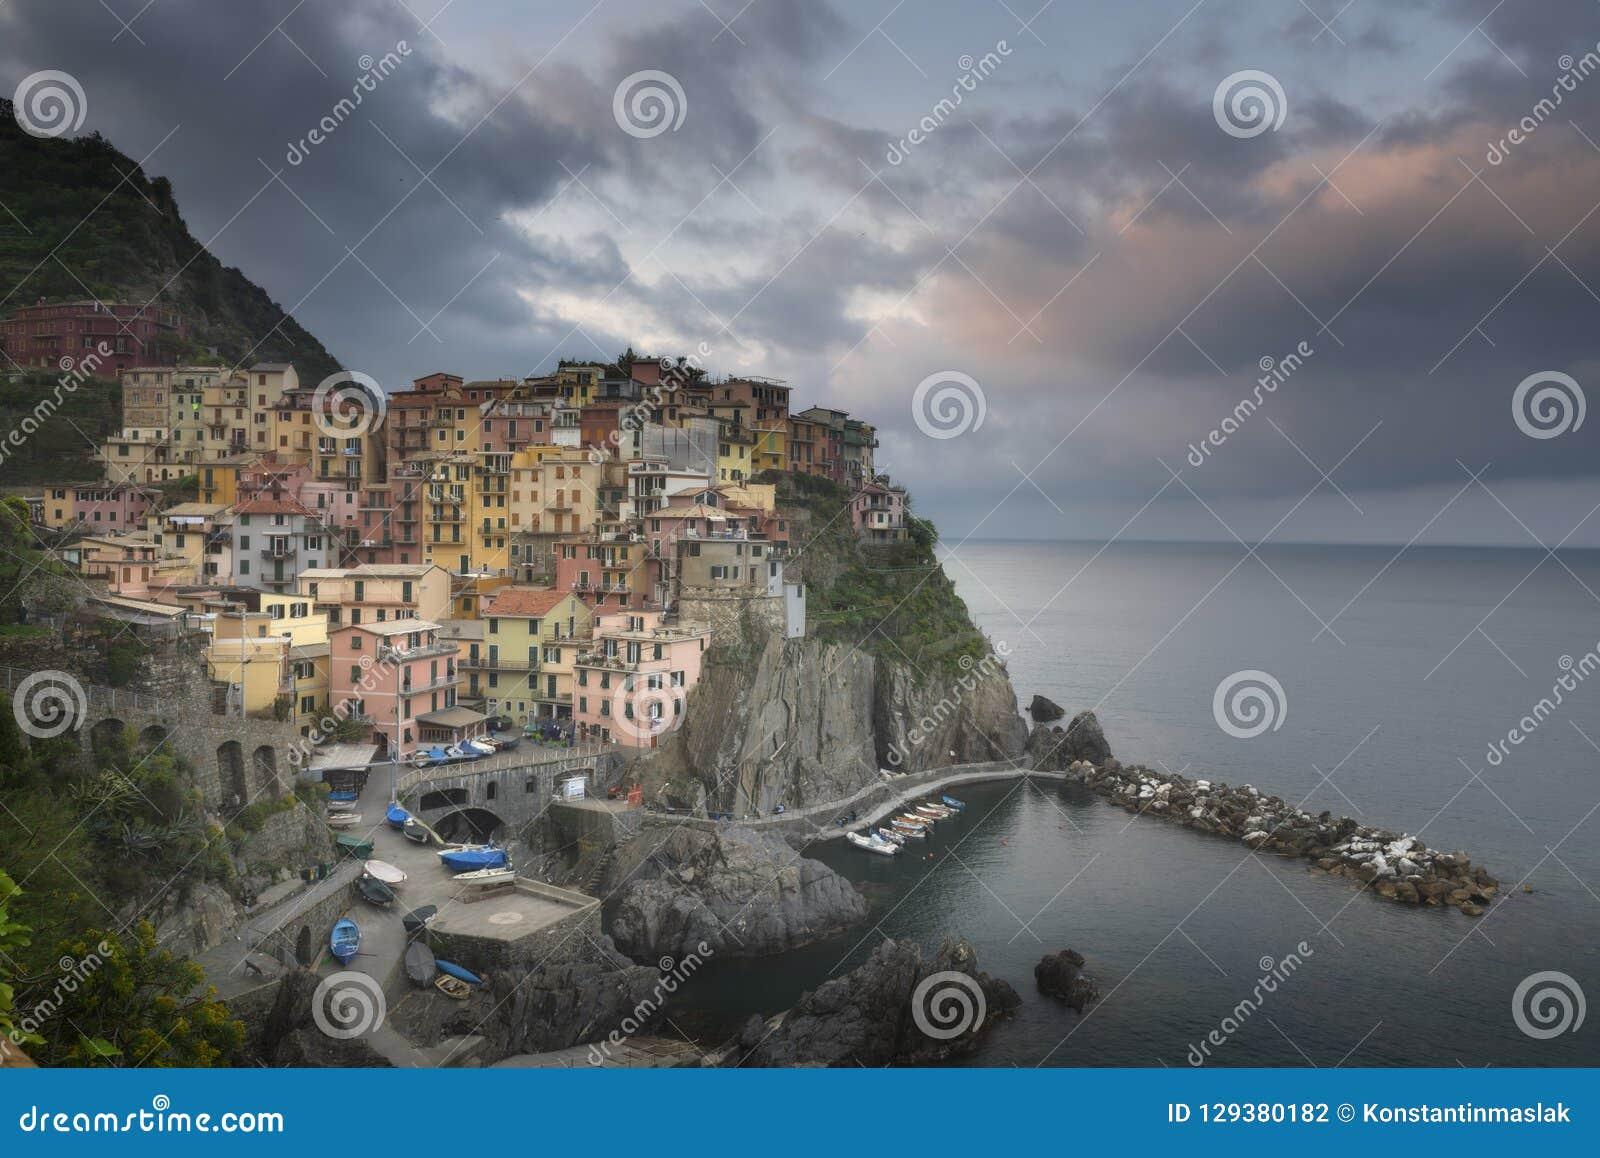 Tweede stad van de opeenvolging van Cique Terre van heuvelsteden - Manarola Kleurrijke de lentezonsondergang in Ligurië, Italië